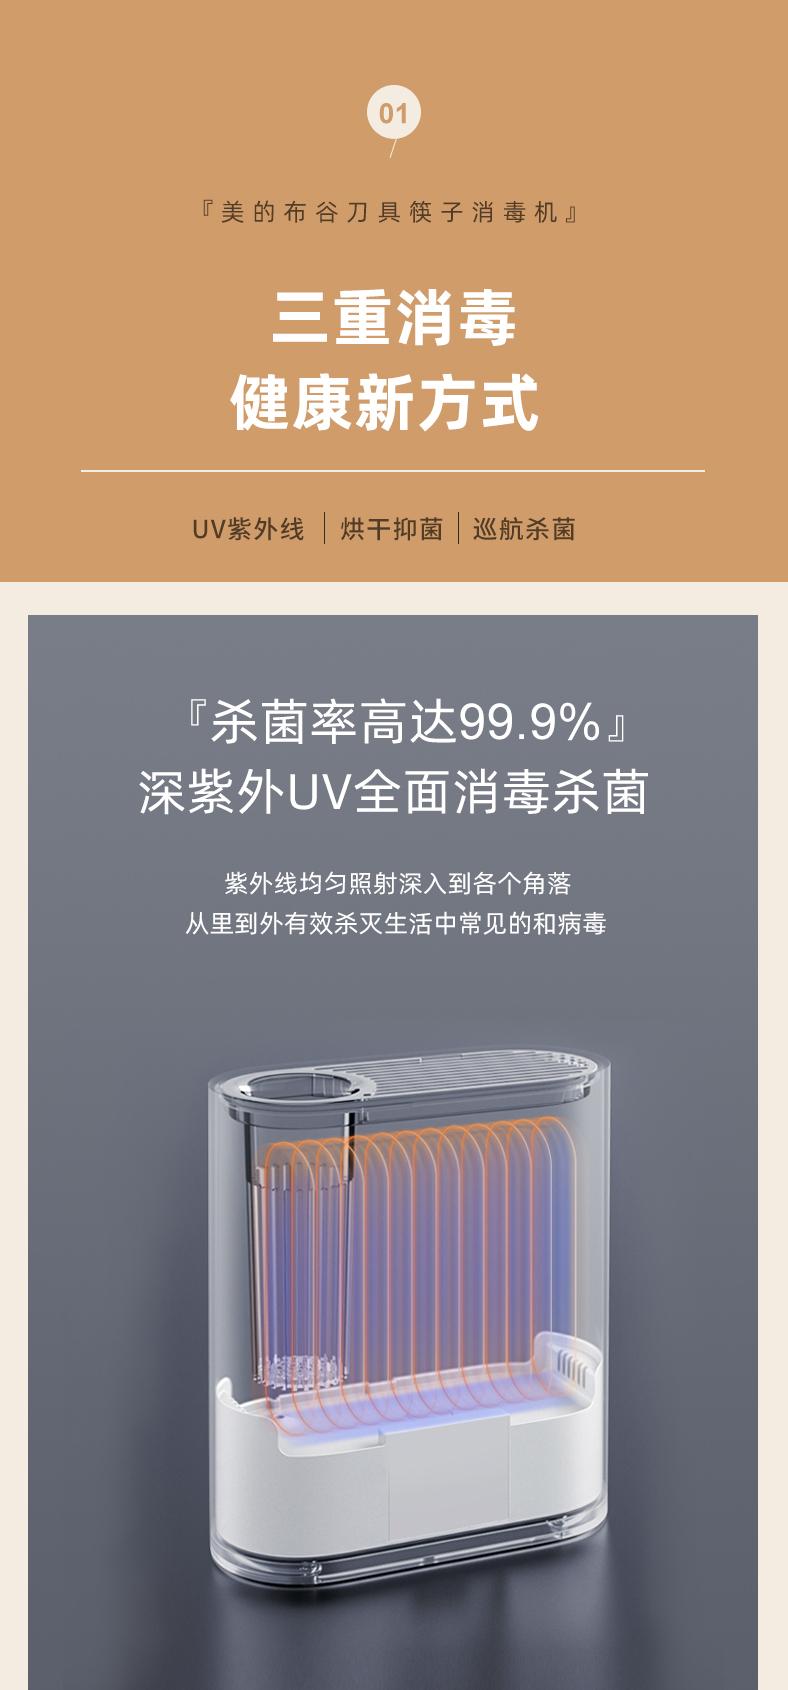 美的旗下  布谷  智能紫外线消毒烘干刀筷架 图2